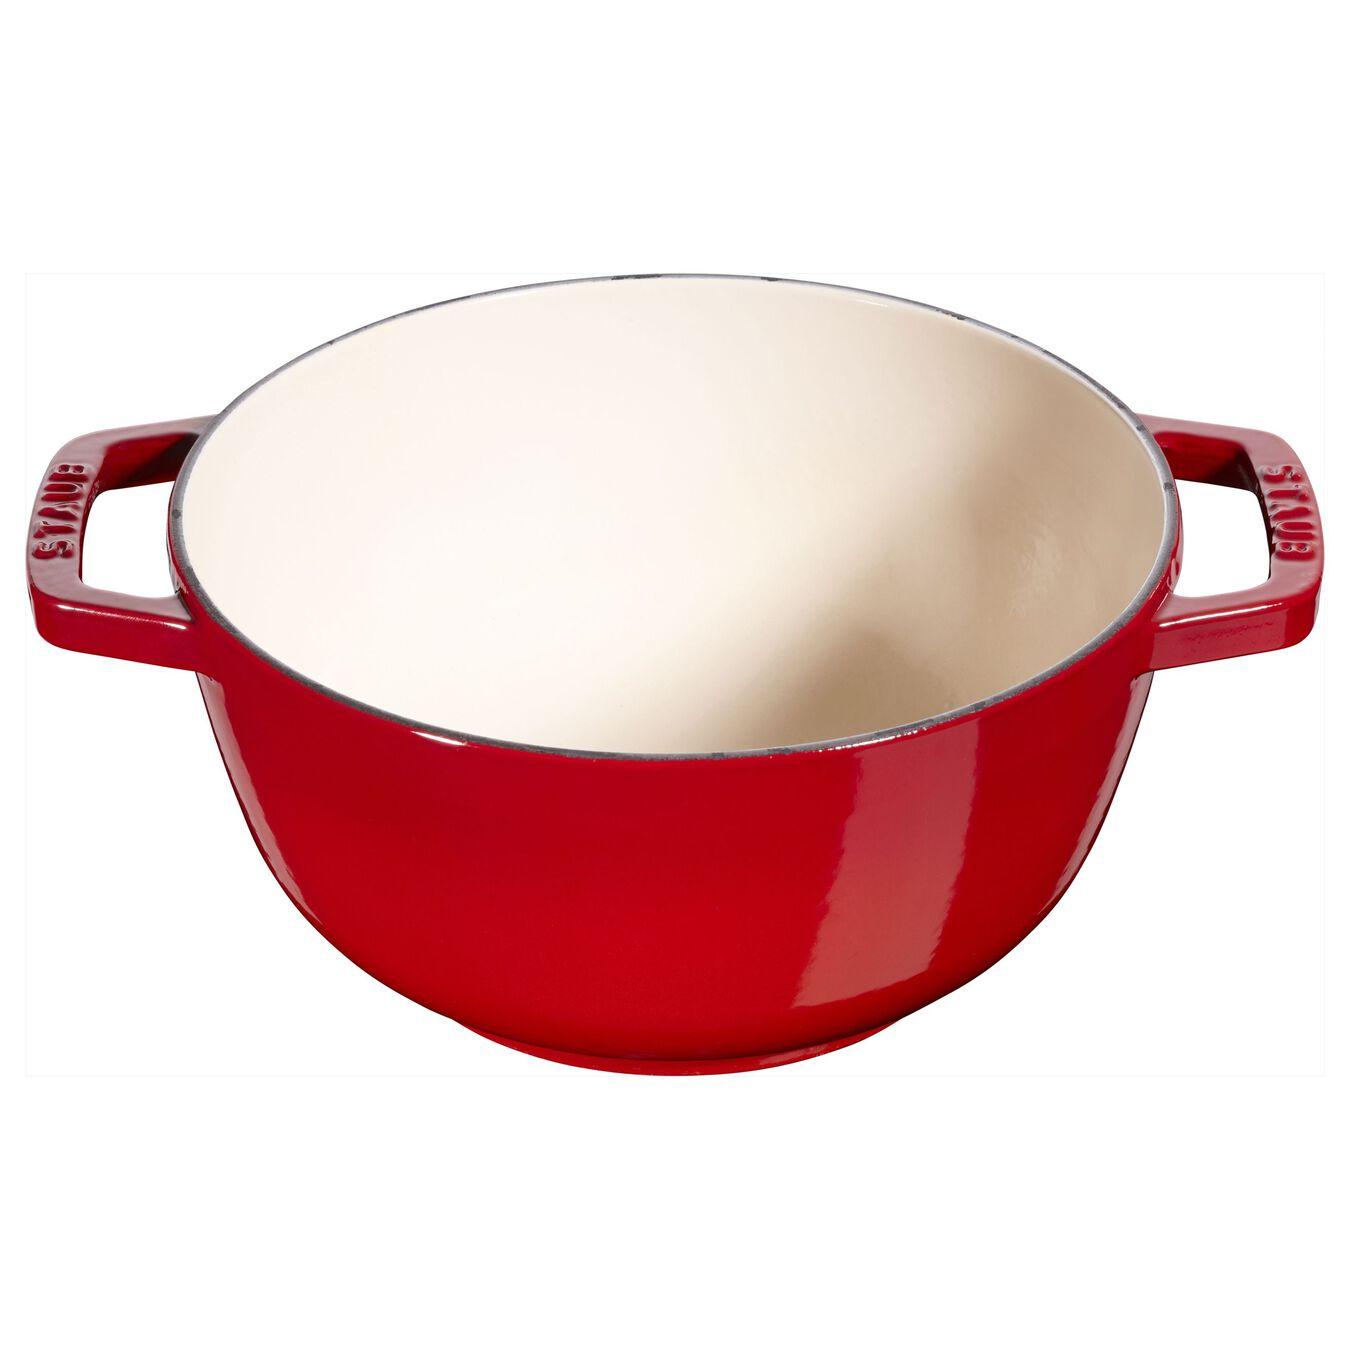 Conjunto para fondue 16 cm, Vermelho cereja,,large 4